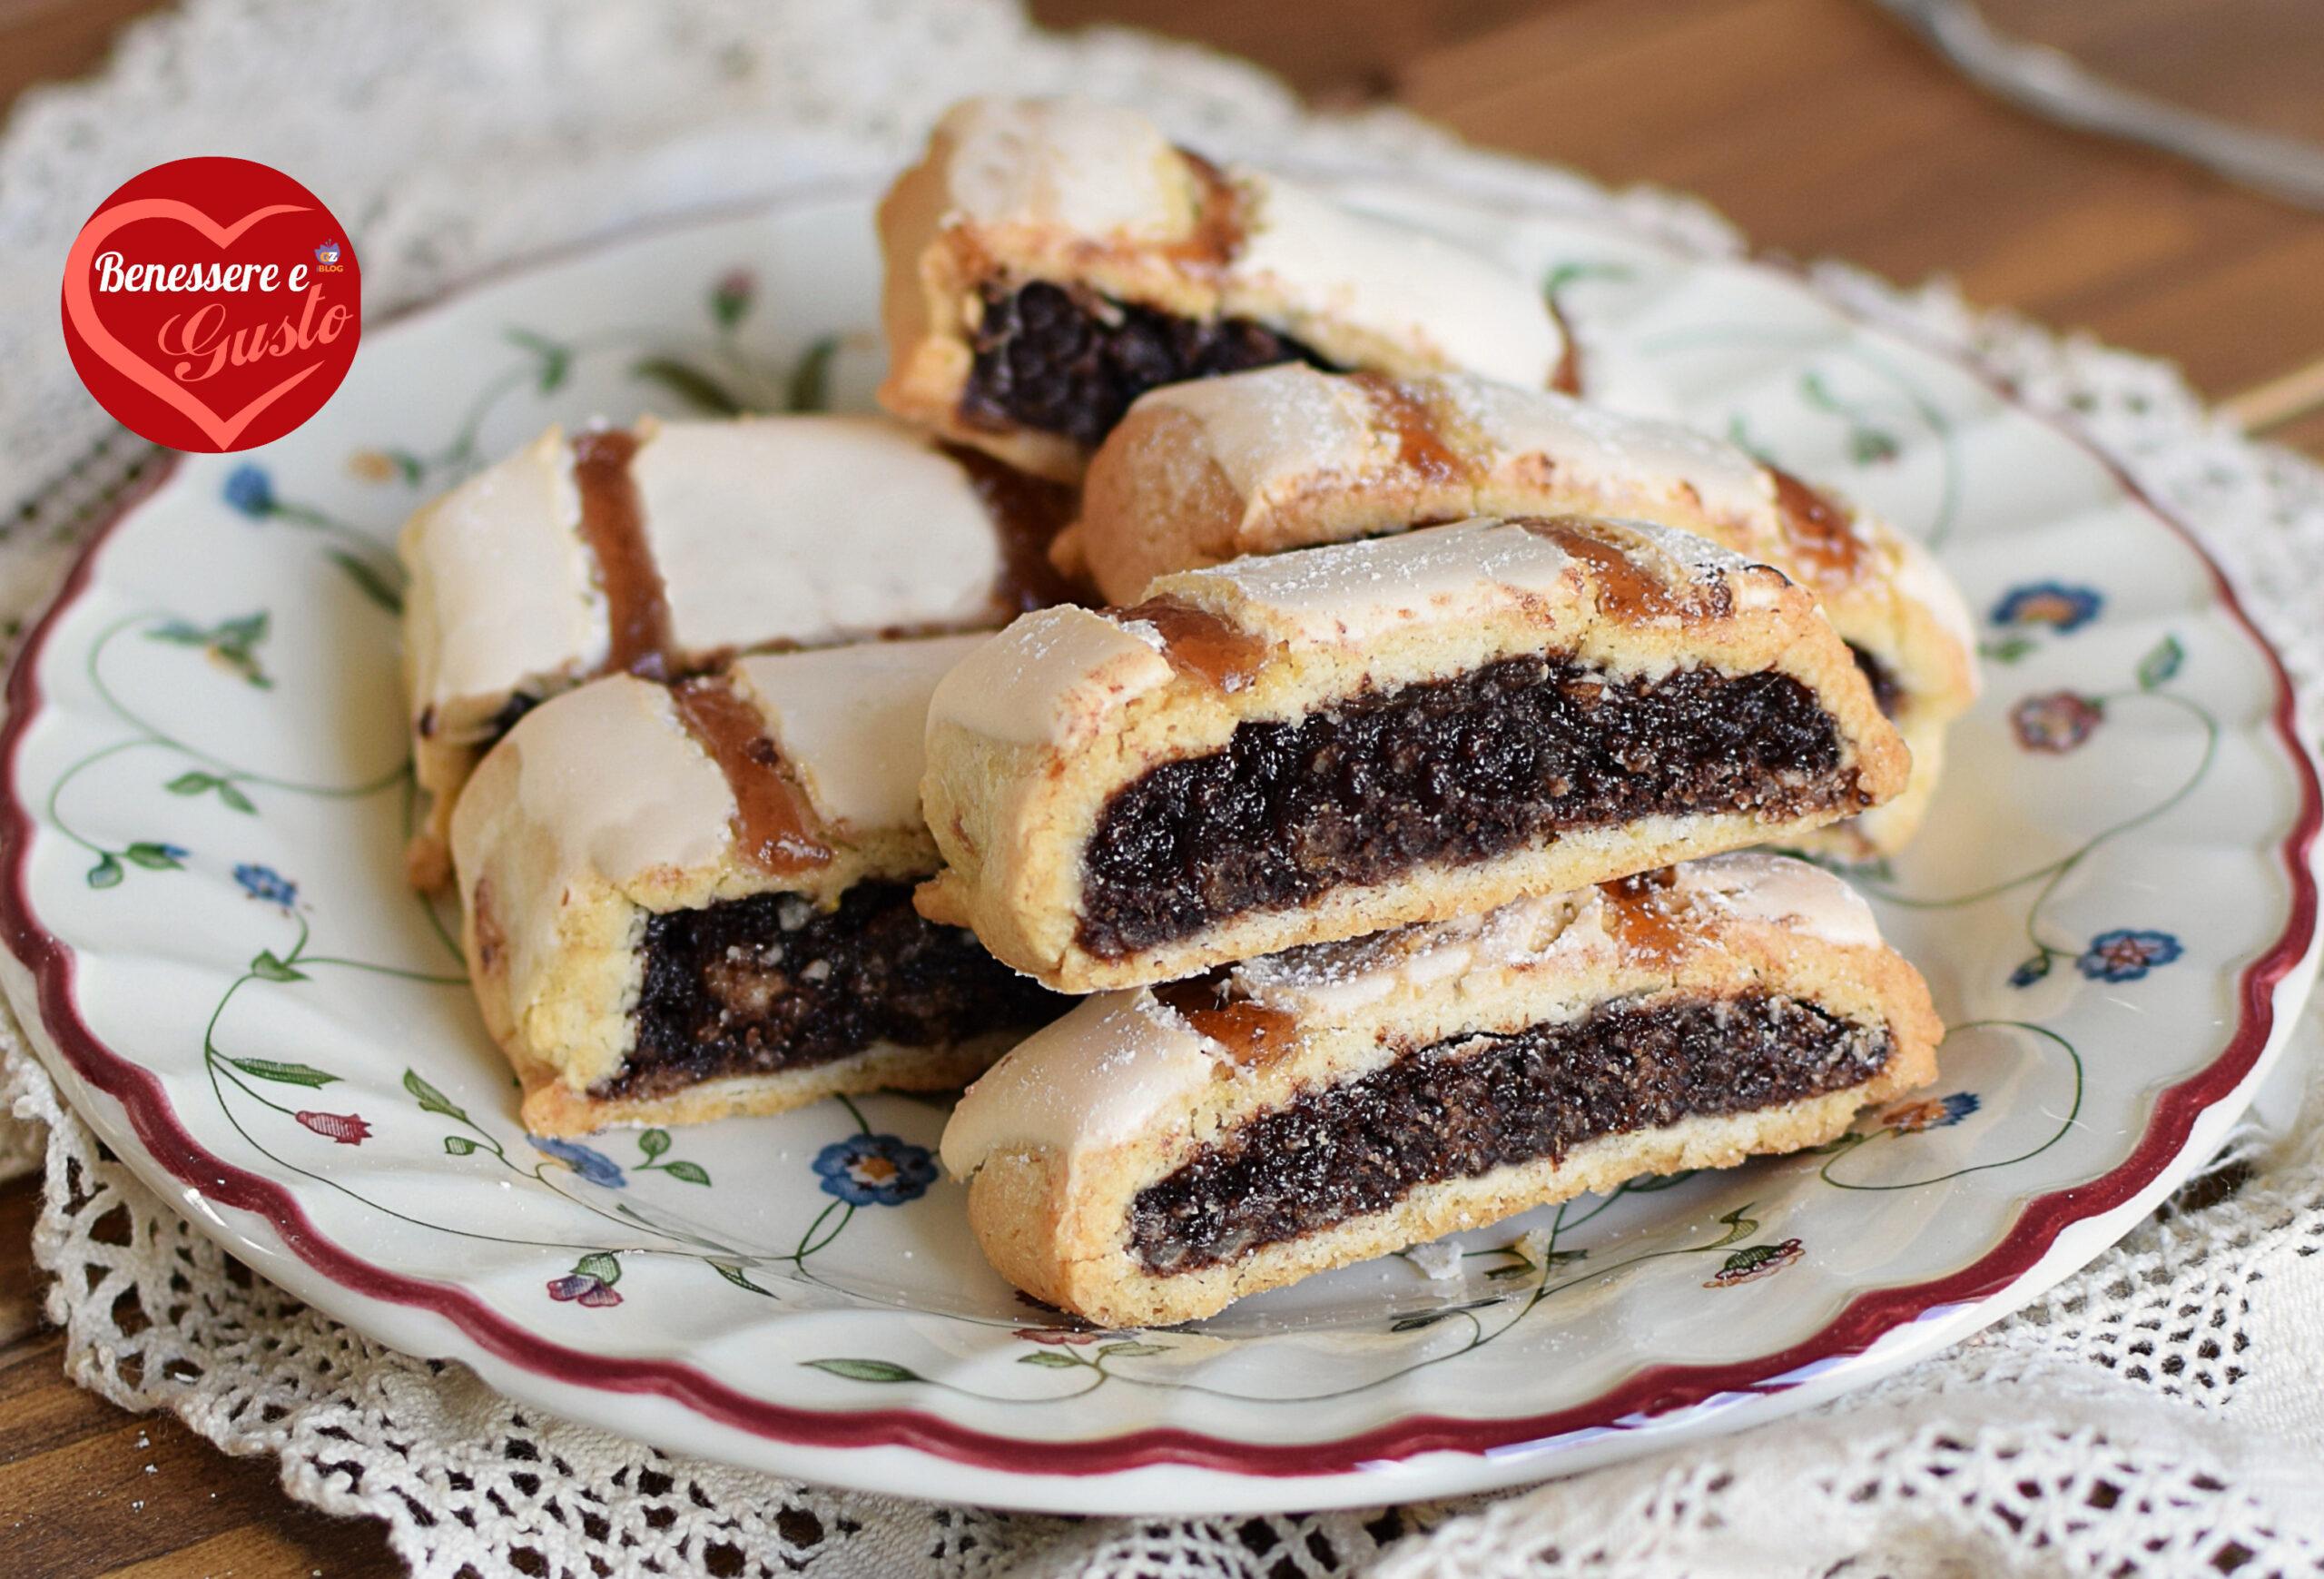 Biscotti amarena napoletani